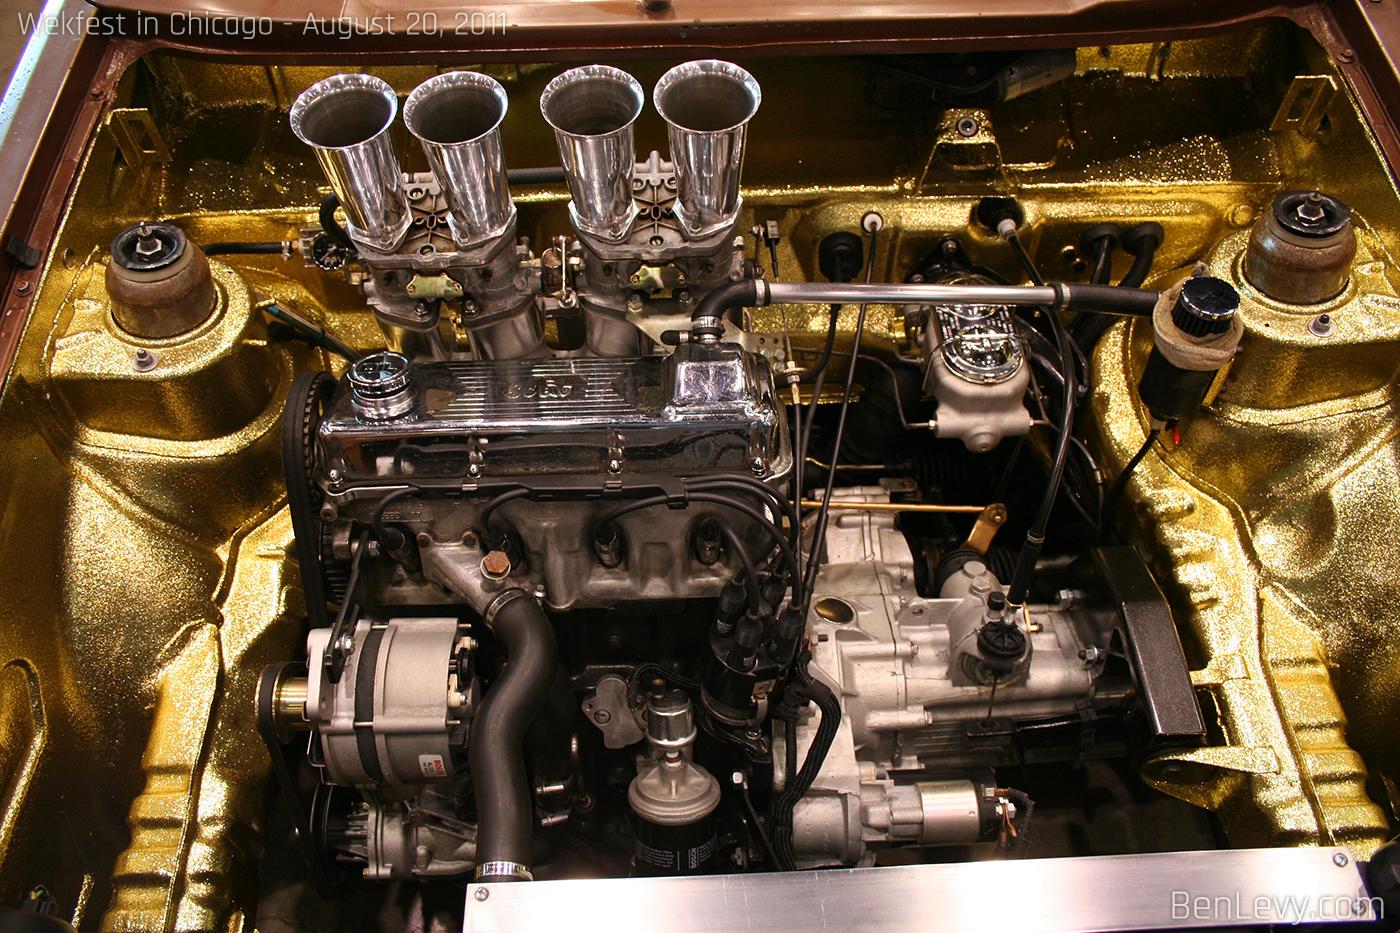 Cars Com Chicago >> Gold Engine Bay - BenLevy.com